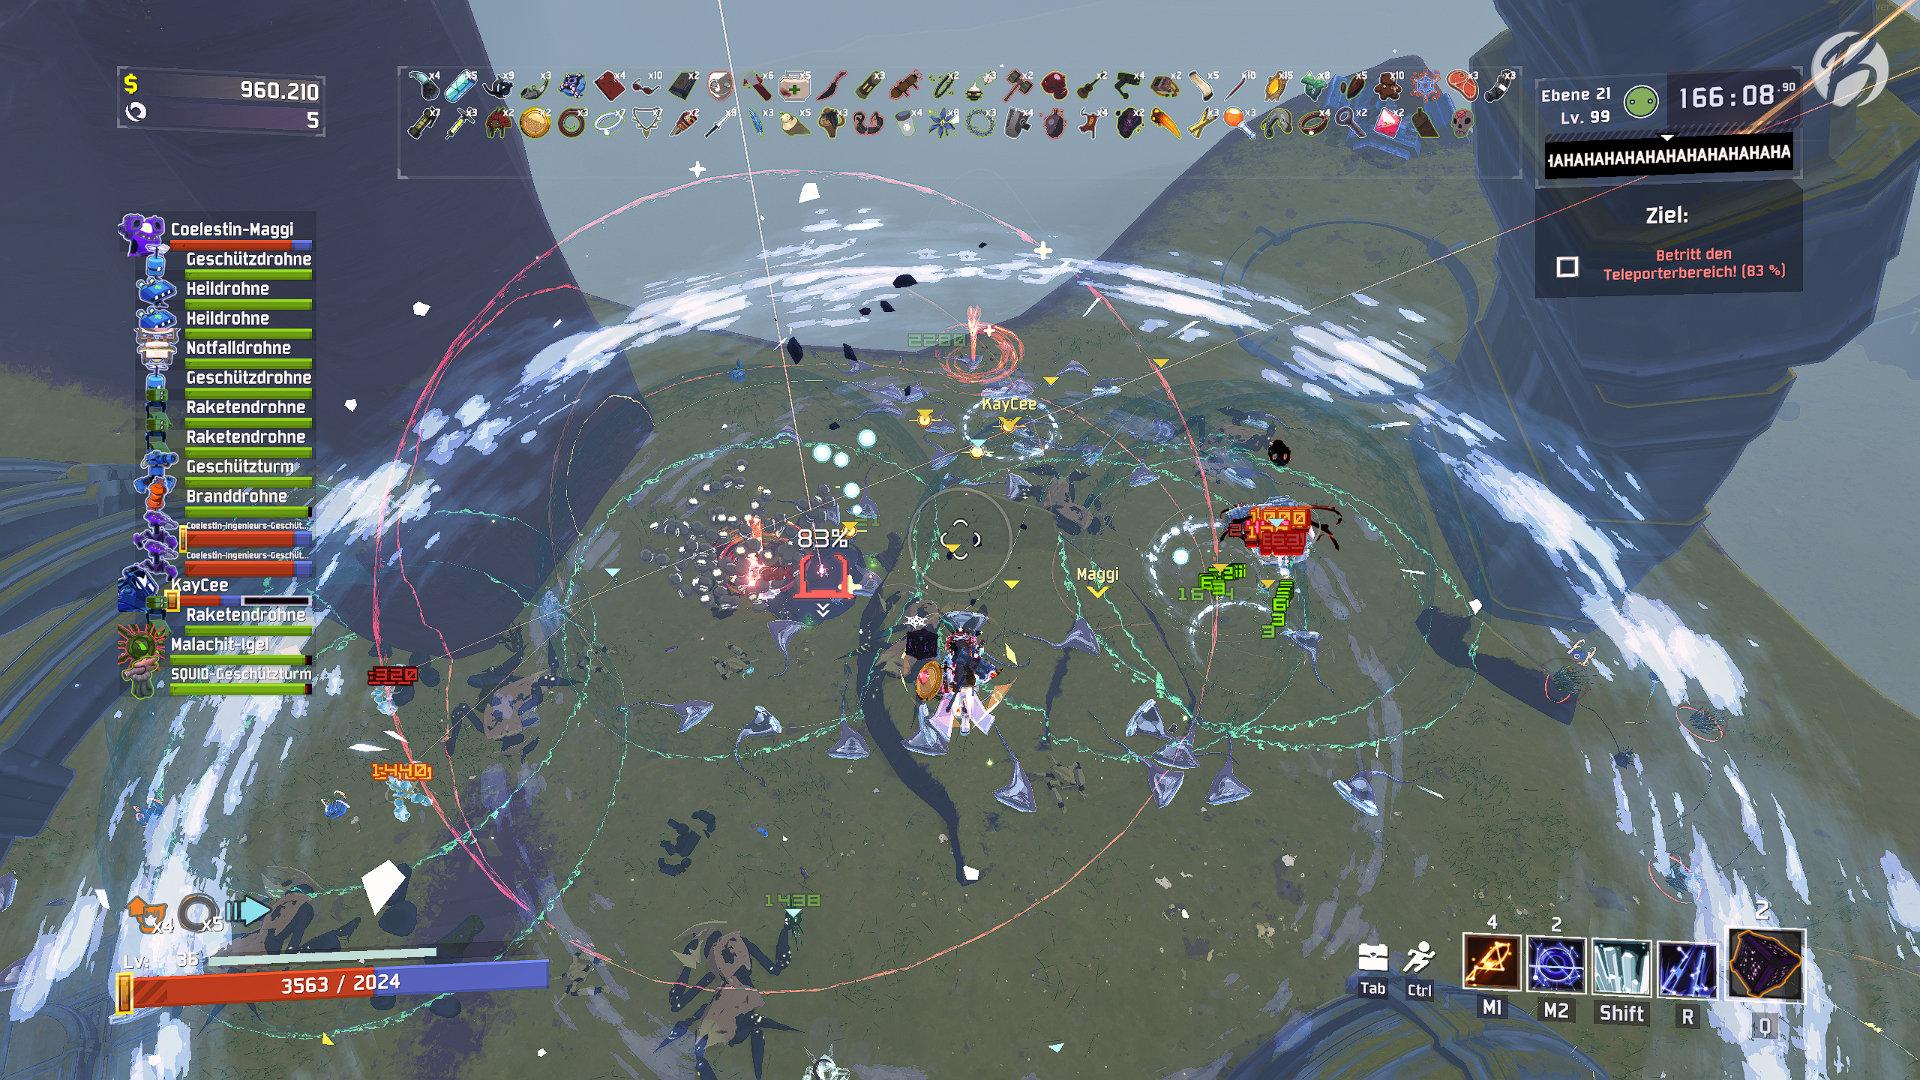 Risk of Rain 2 - Sobald der Map-Boss besiegt ist, muss man in der roten Zone bleiben, bis der Teleporter voll aufgeladen ist.